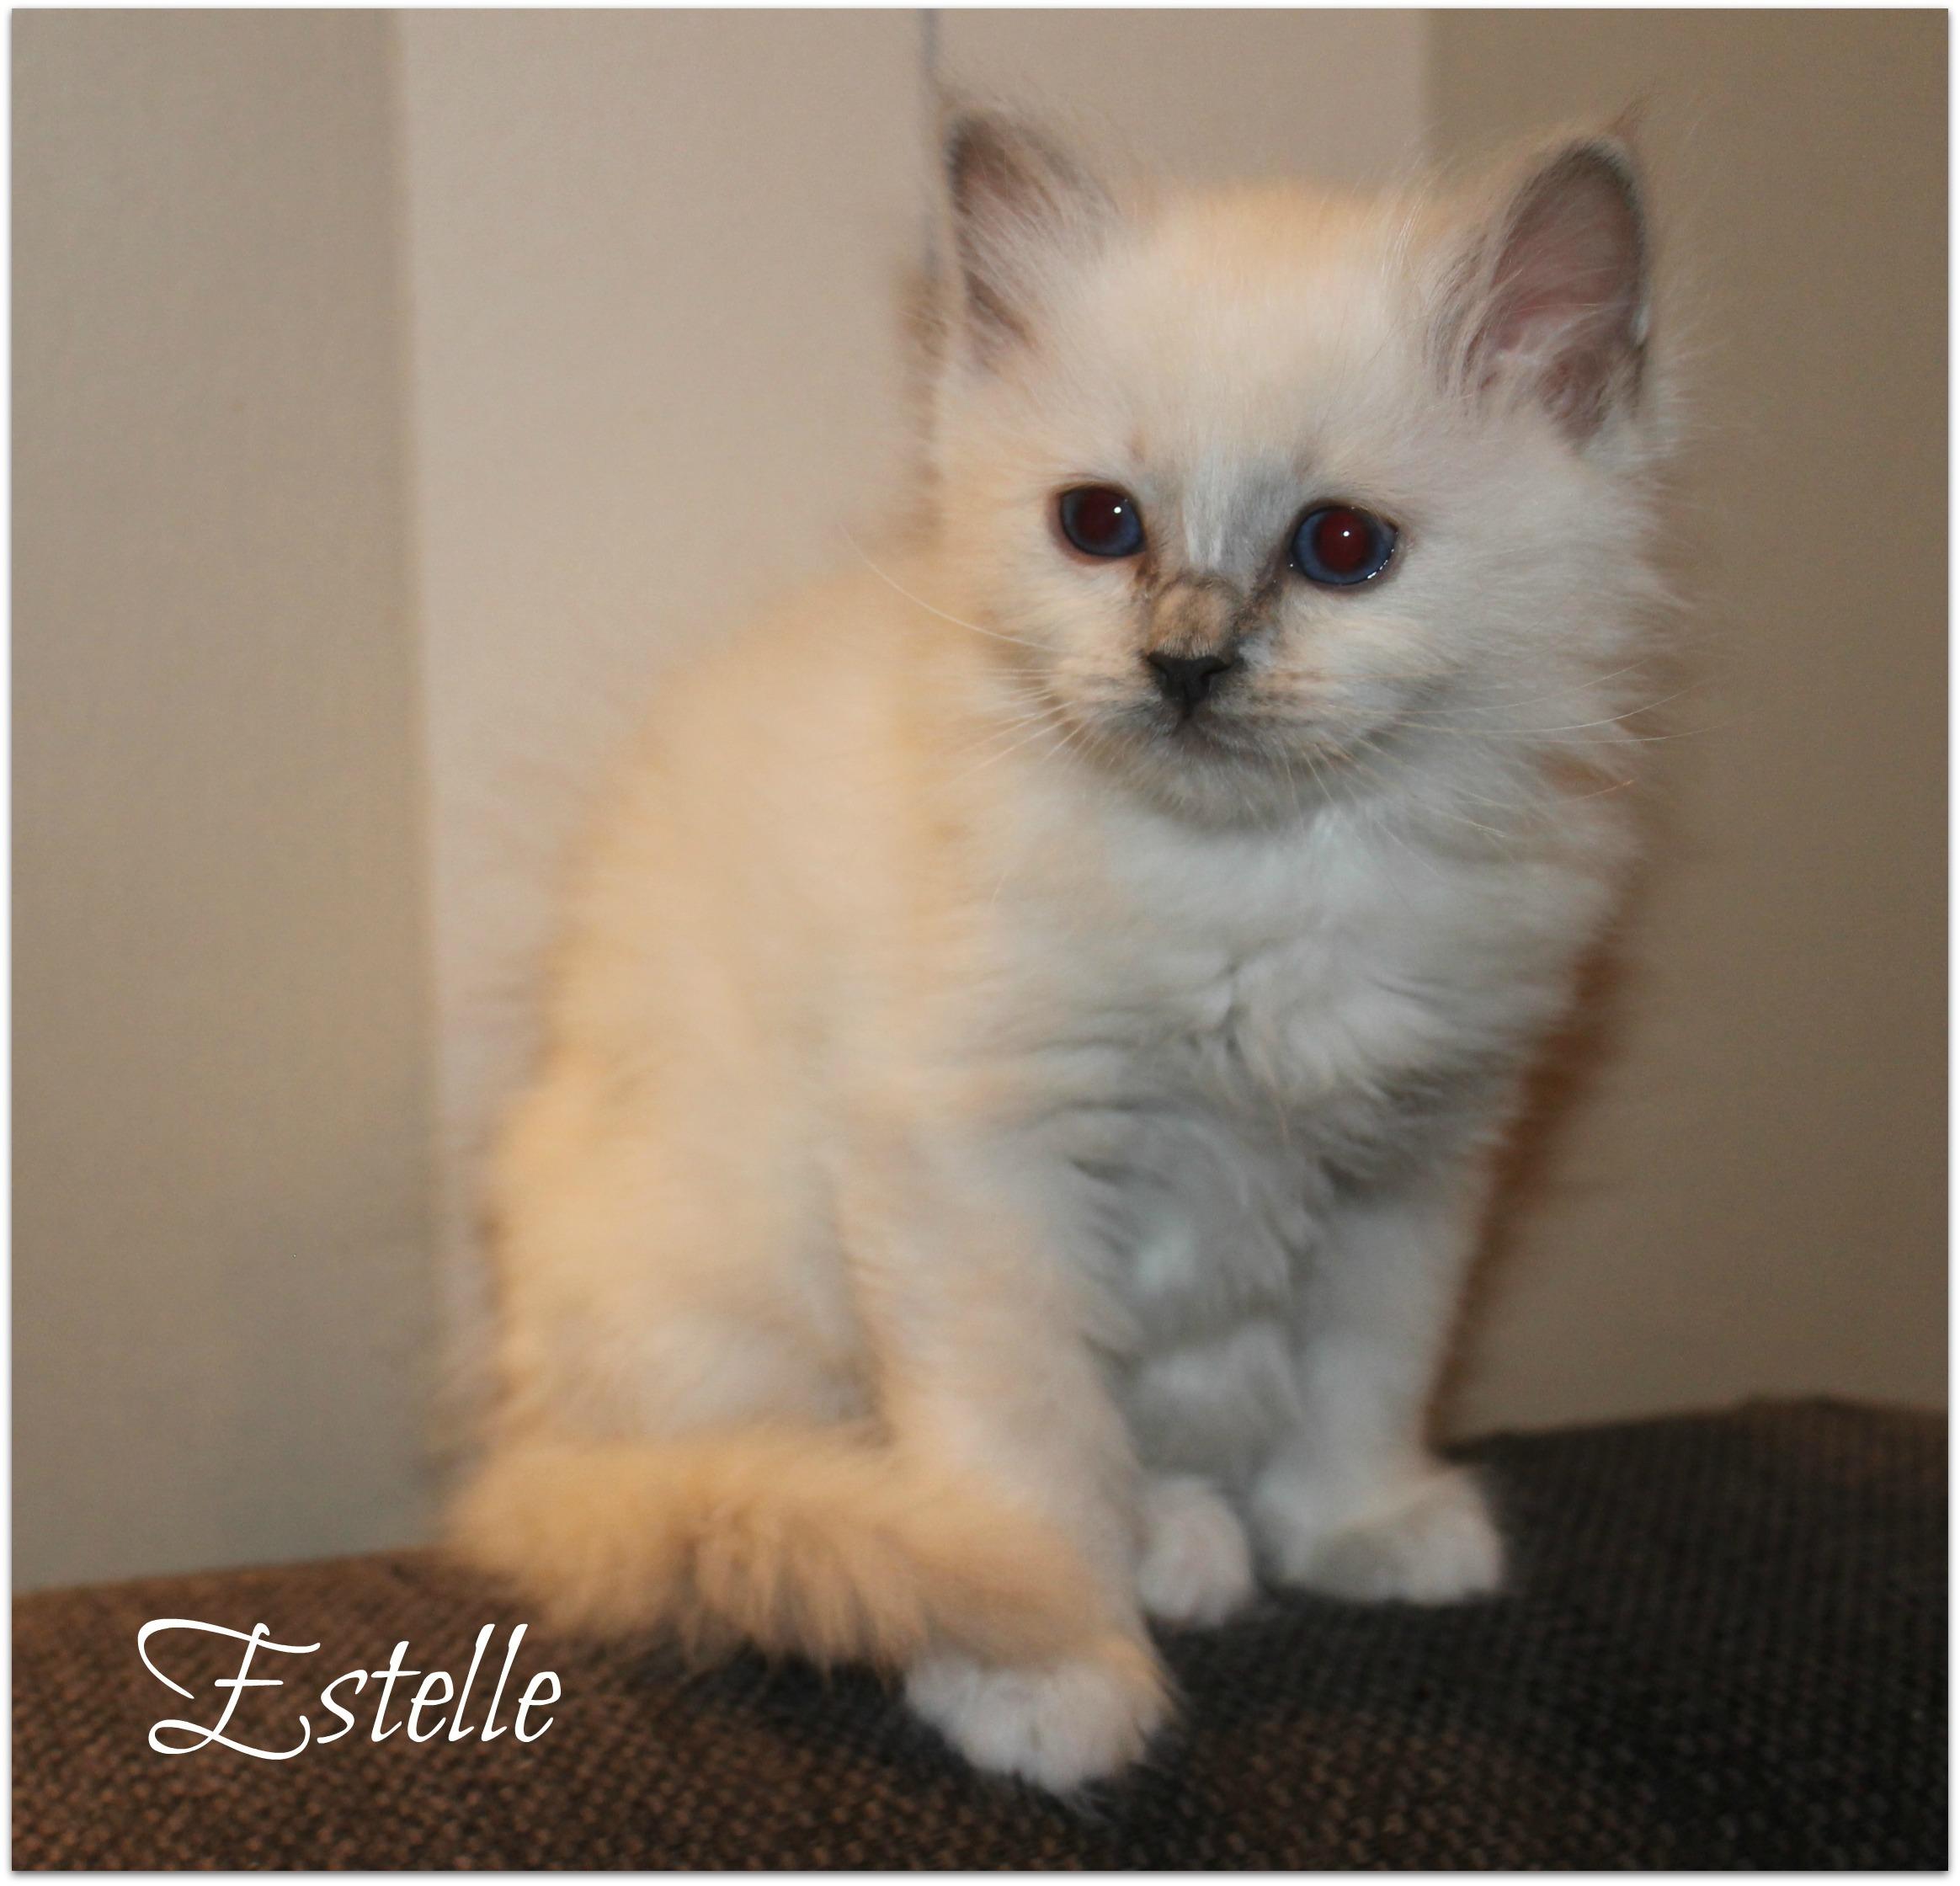 estelle_0